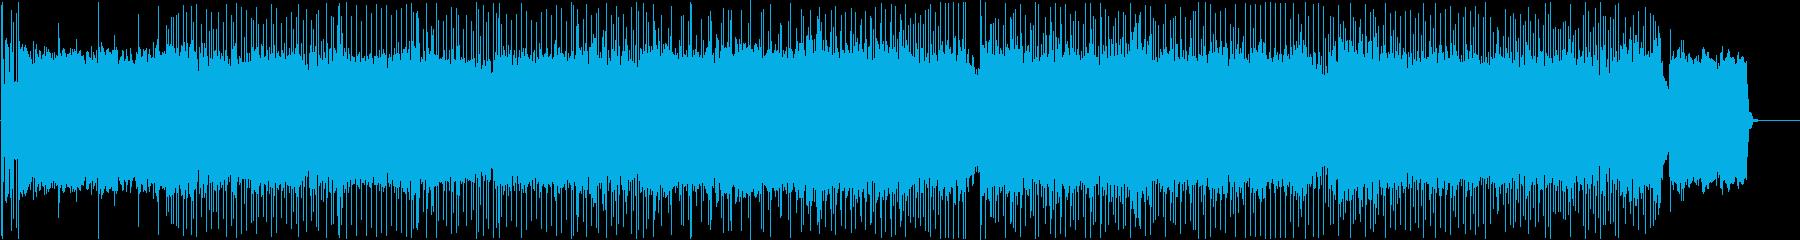 疾走感あるさわやかでポップなハードロックの再生済みの波形